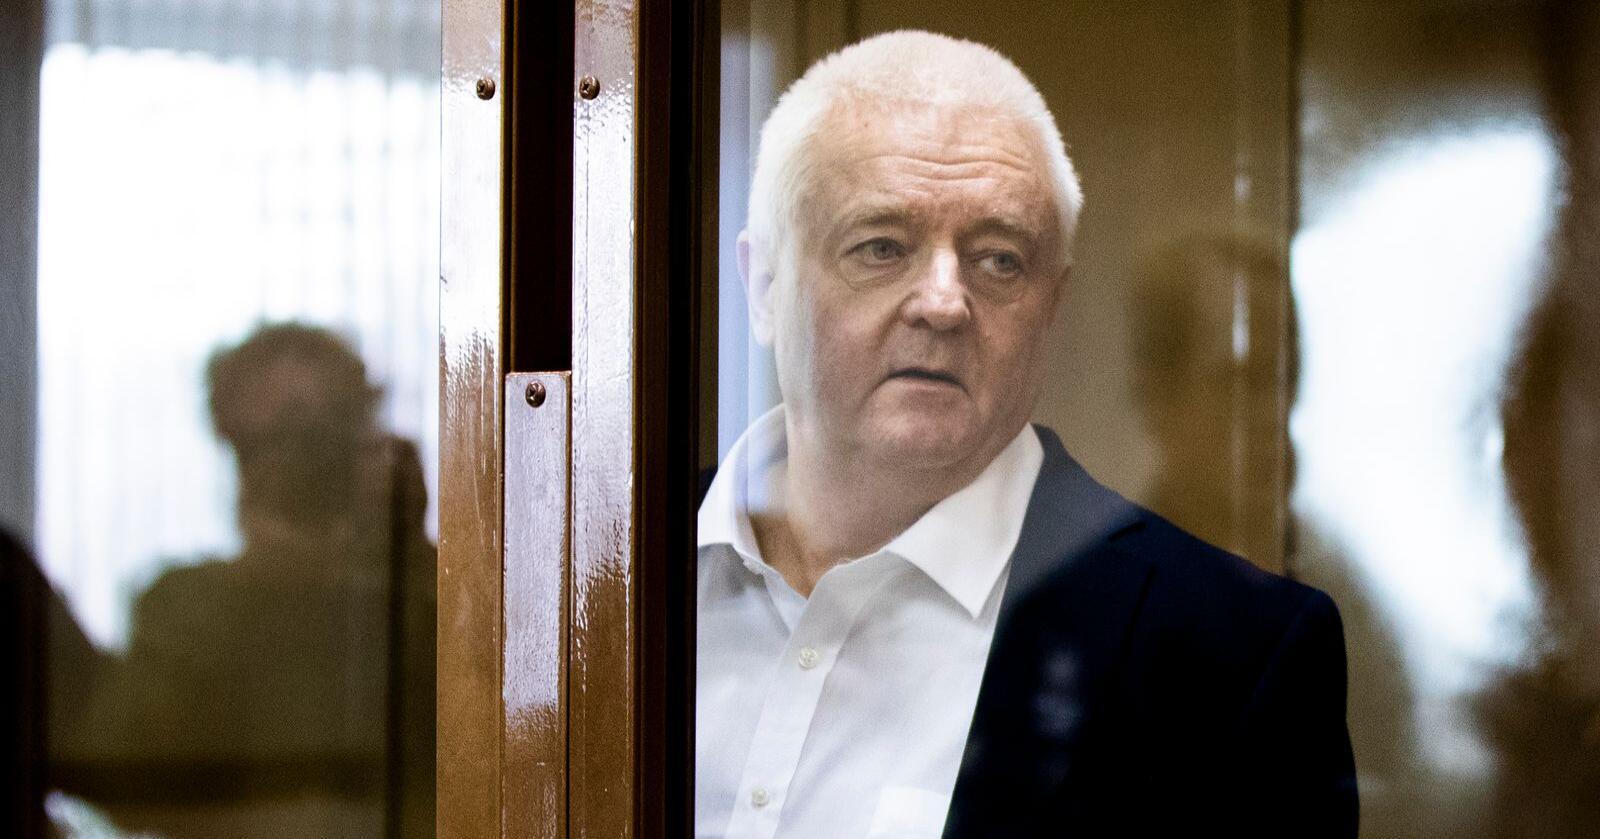 Frode Berg ble dømt til 14 års fengsel i Russland for spionasje. Foto: Berit Roald / NTB